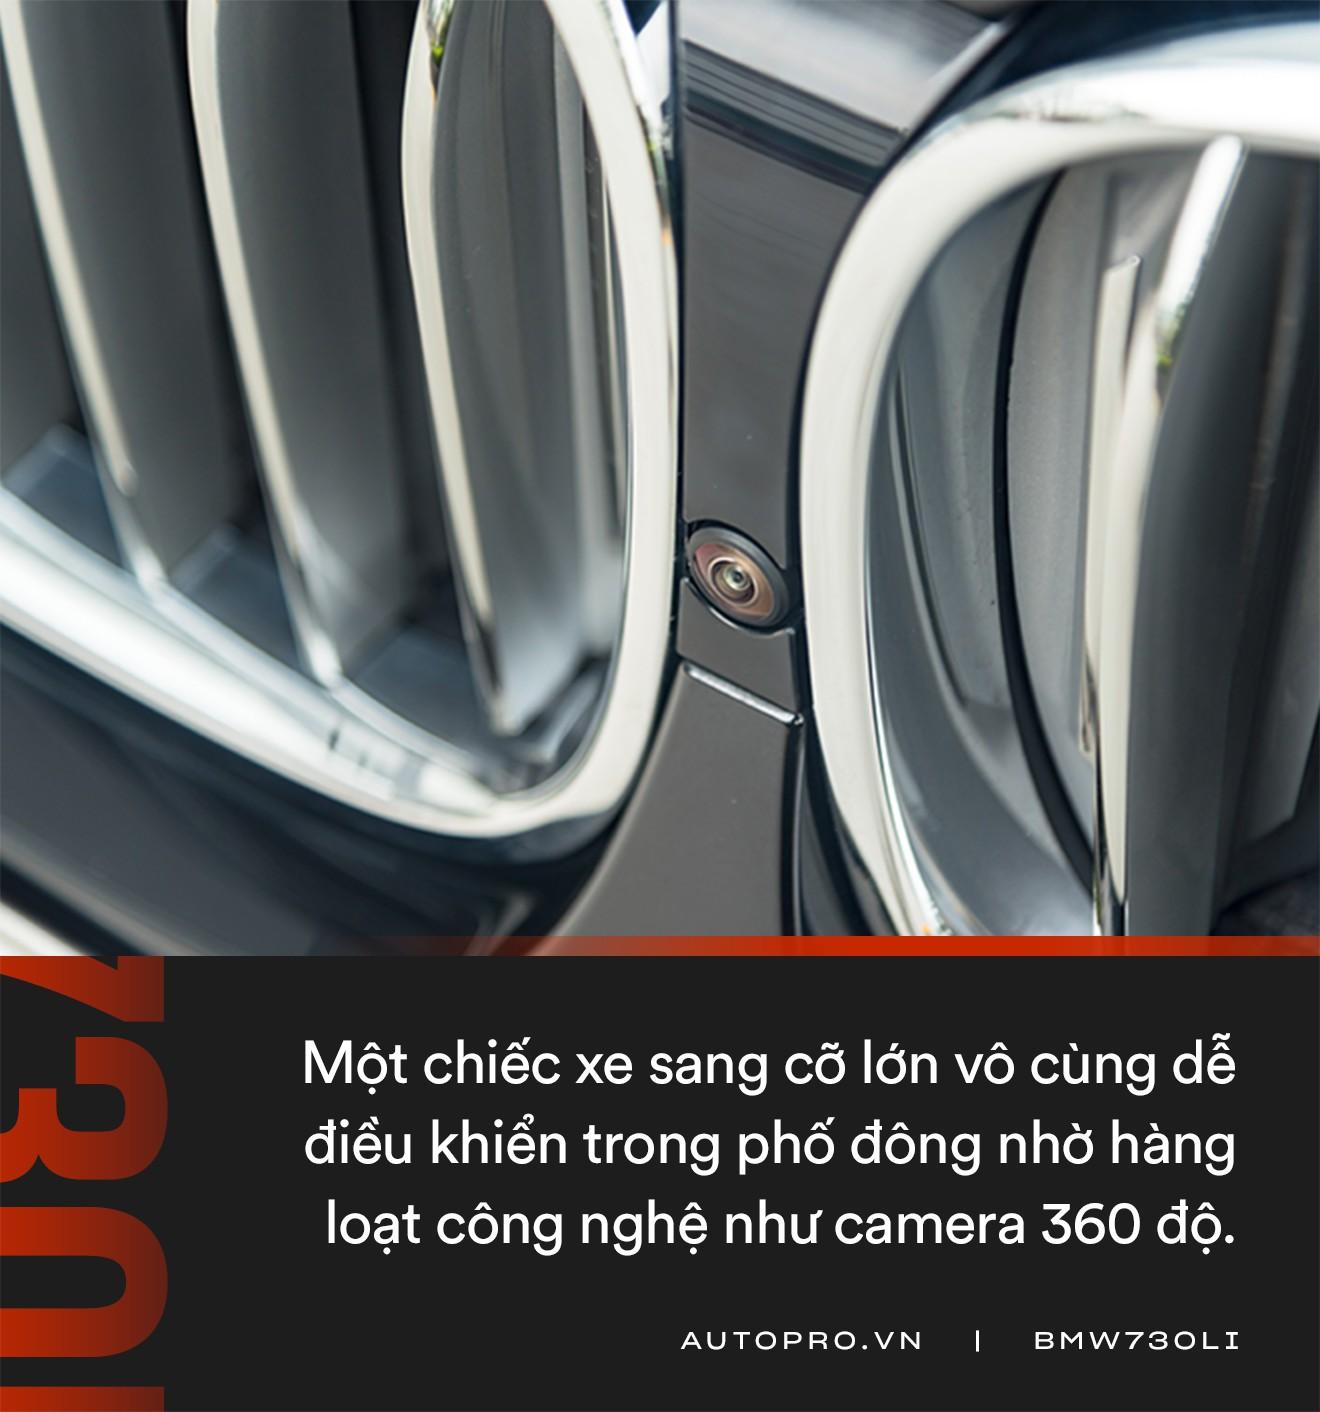 Đánh giá BMW 730Li: Mang chất thể thao lên limo hạng sang - Ảnh 12.